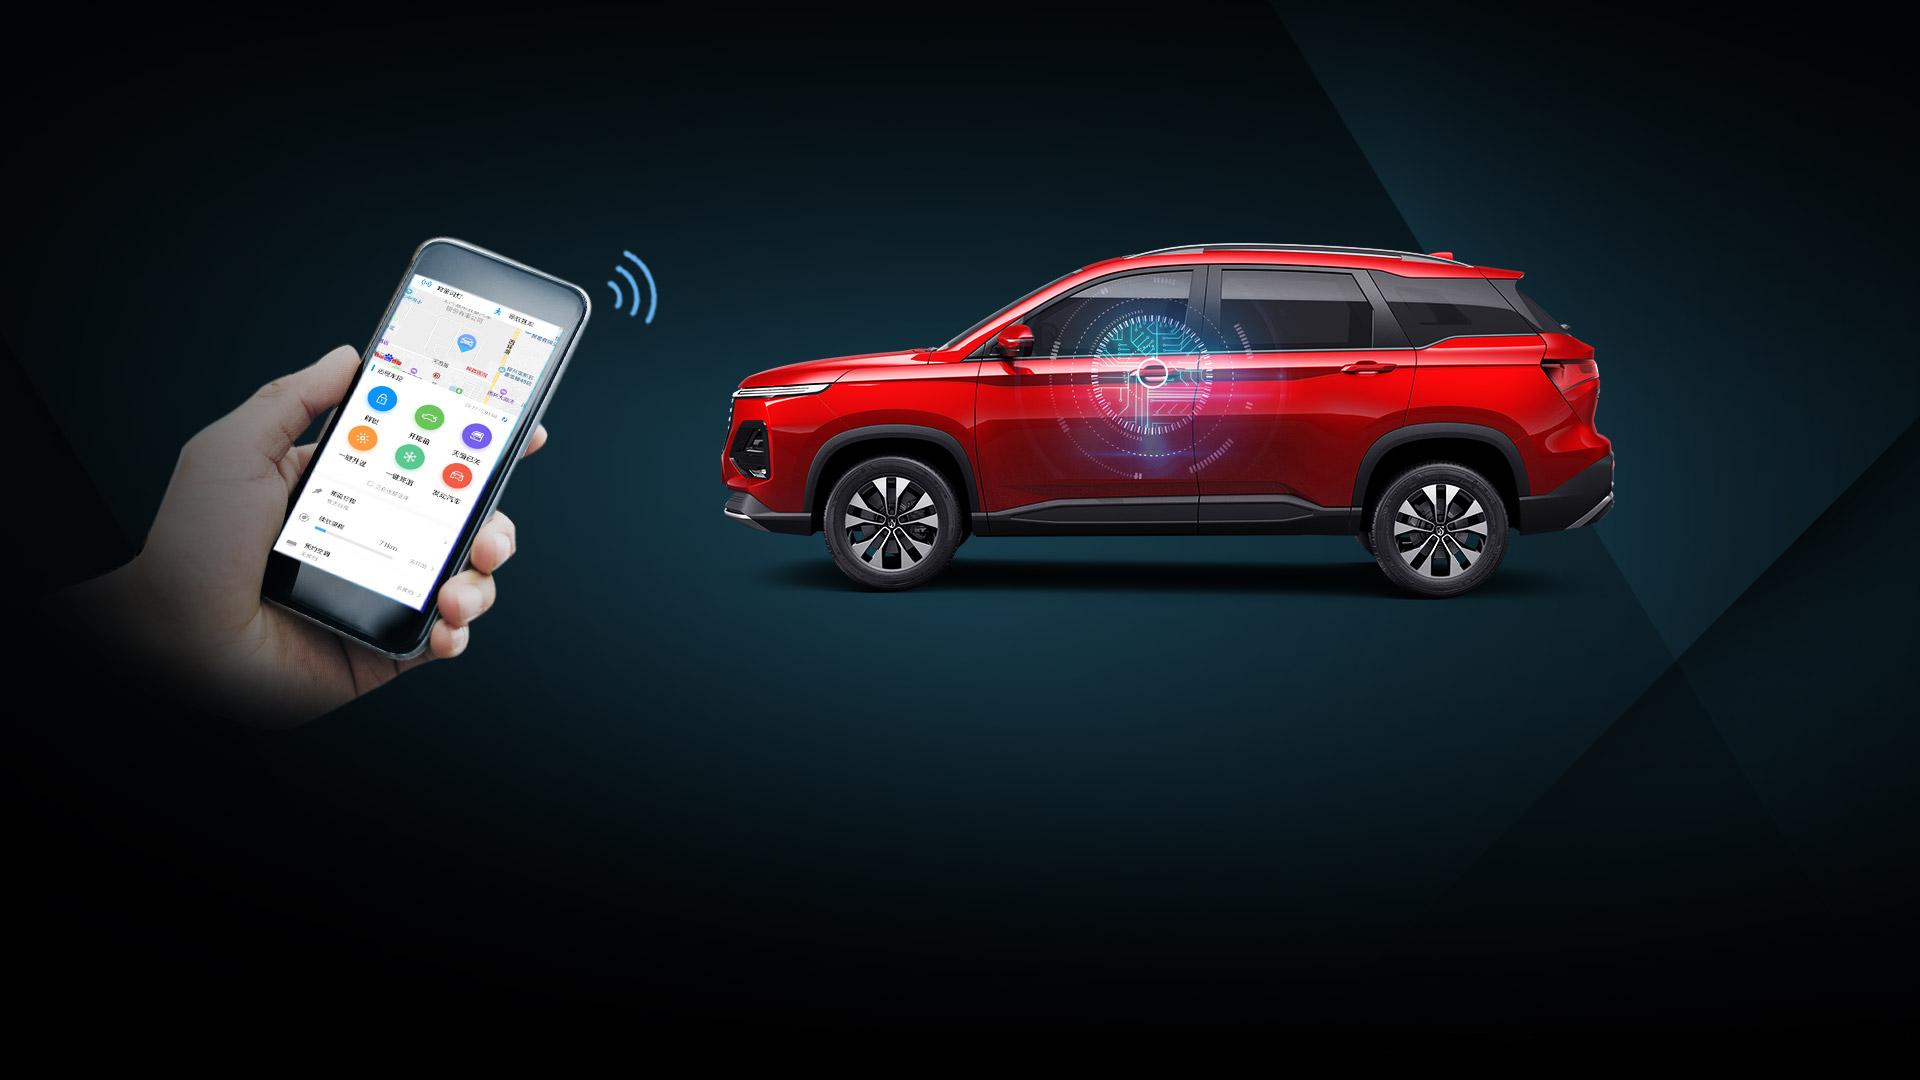 寶(bao)駿530,2020款,智能(neng)車聯網,手機車鑰匙